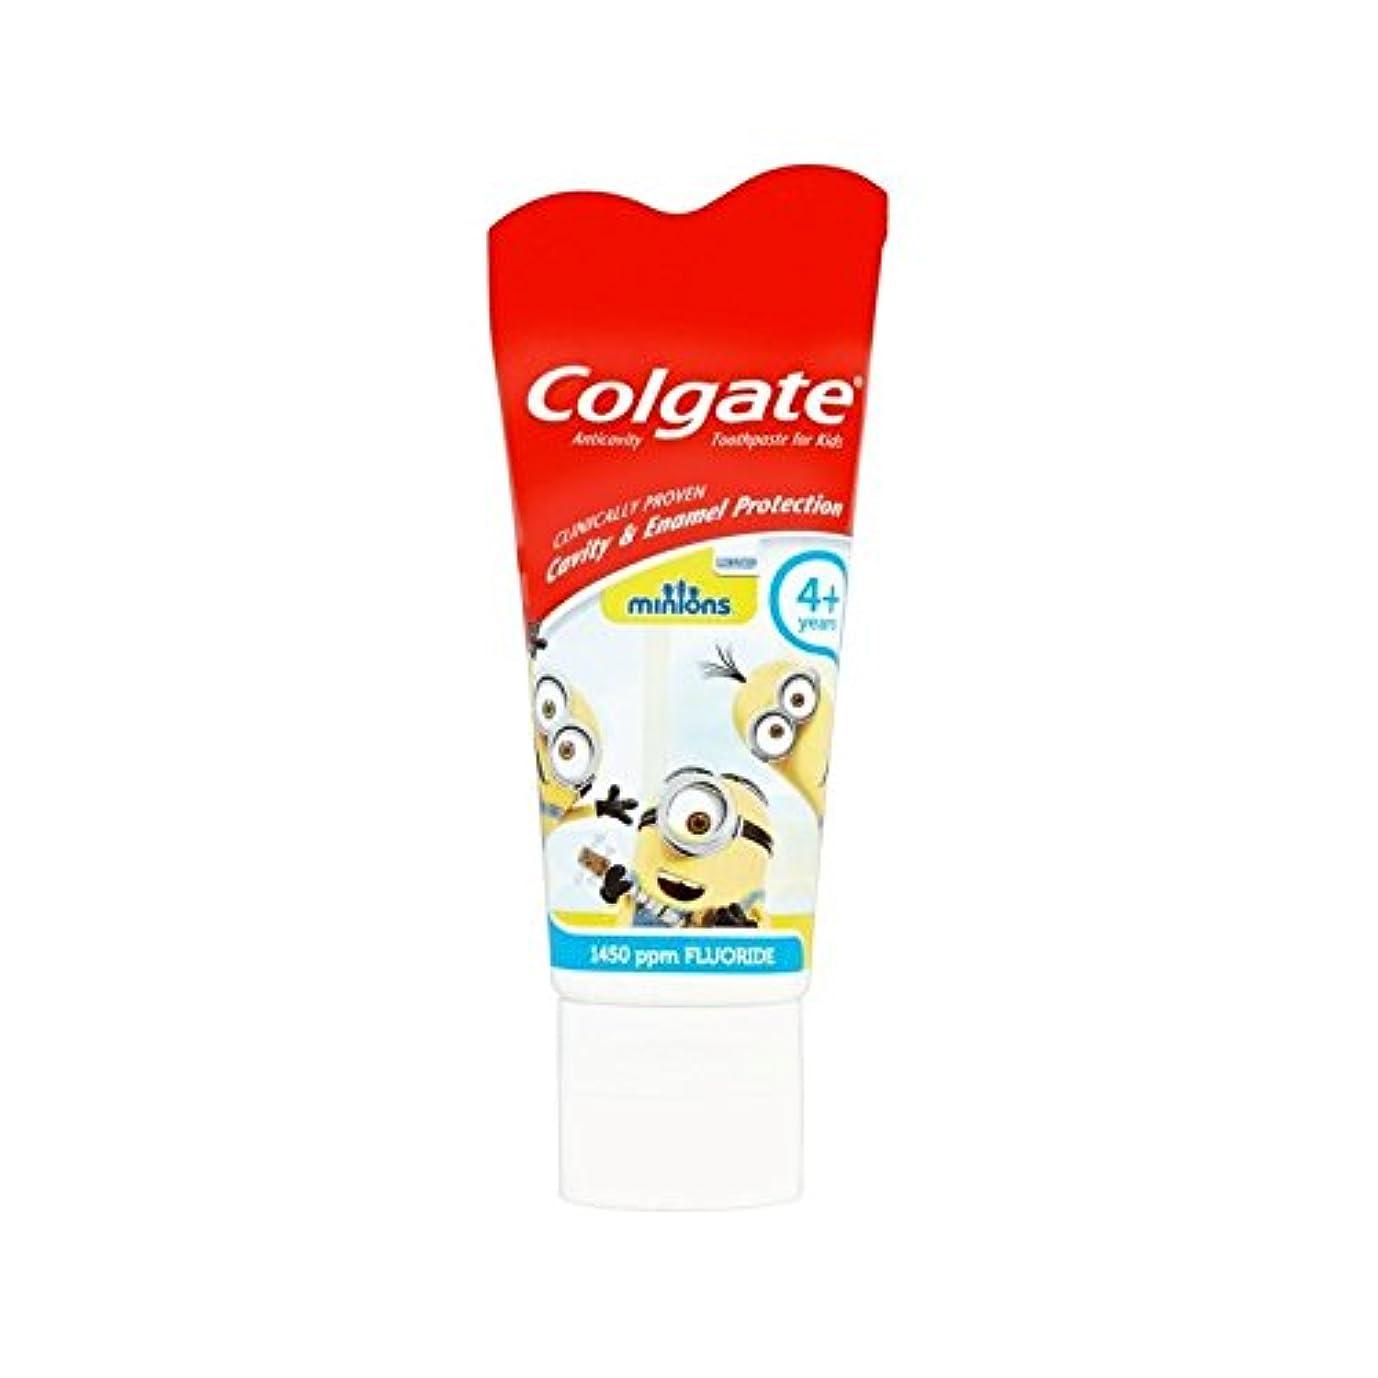 最後の腹部優しい手下の子供4+歯磨き粉50ミリリットル (Colgate) (x 4) - Colgate Minions Kids 4+ Toothpaste 50ml (Pack of 4) [並行輸入品]